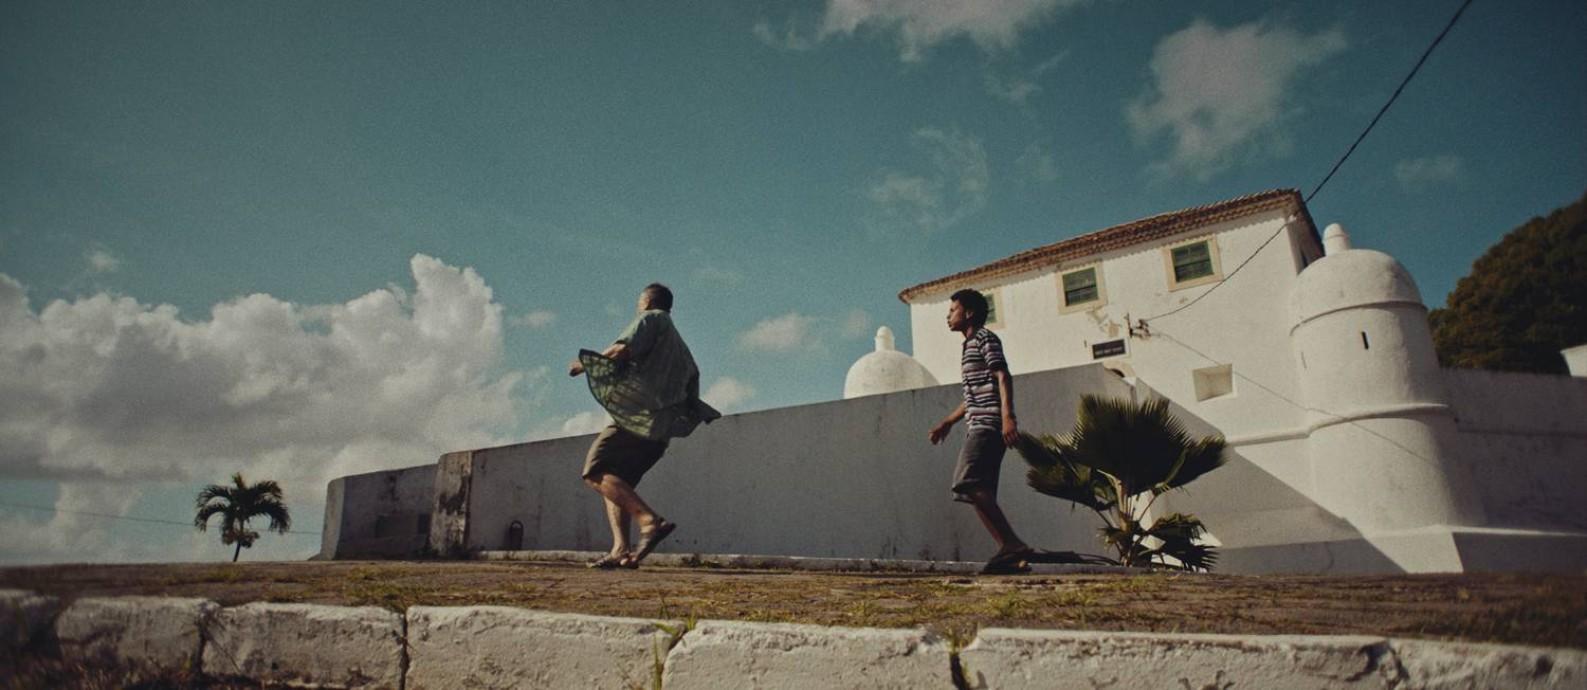 Cena do filme 'Tungstênio' Foto: Divulgação